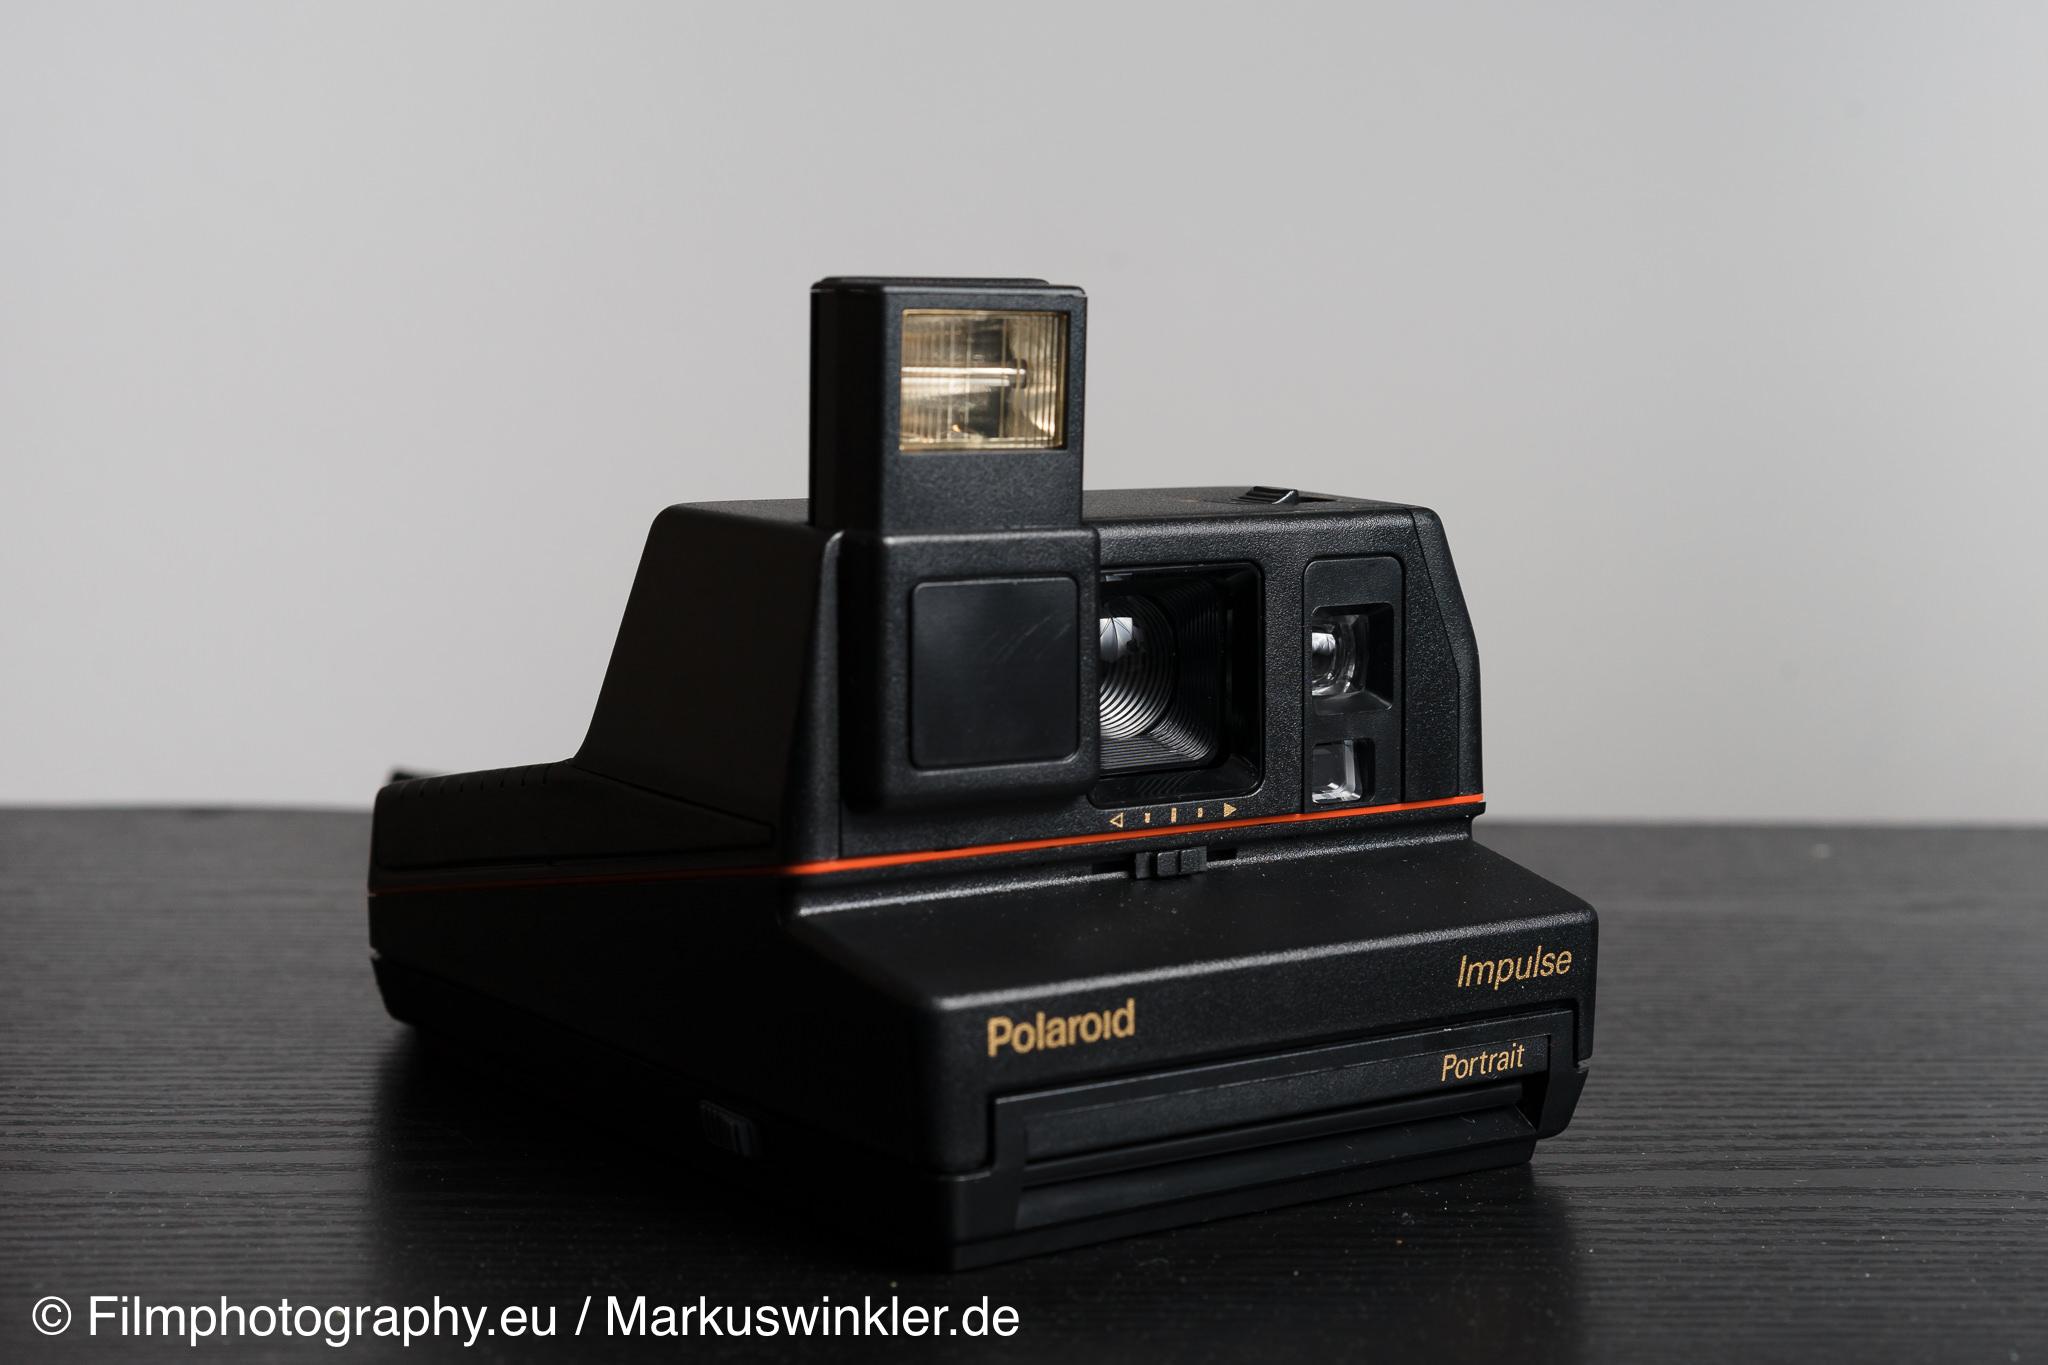 Sofortbildkamera geschichte polaroid neu gedacht sofortbildkamera i im test u giga die - Beste polaroid kamera ...